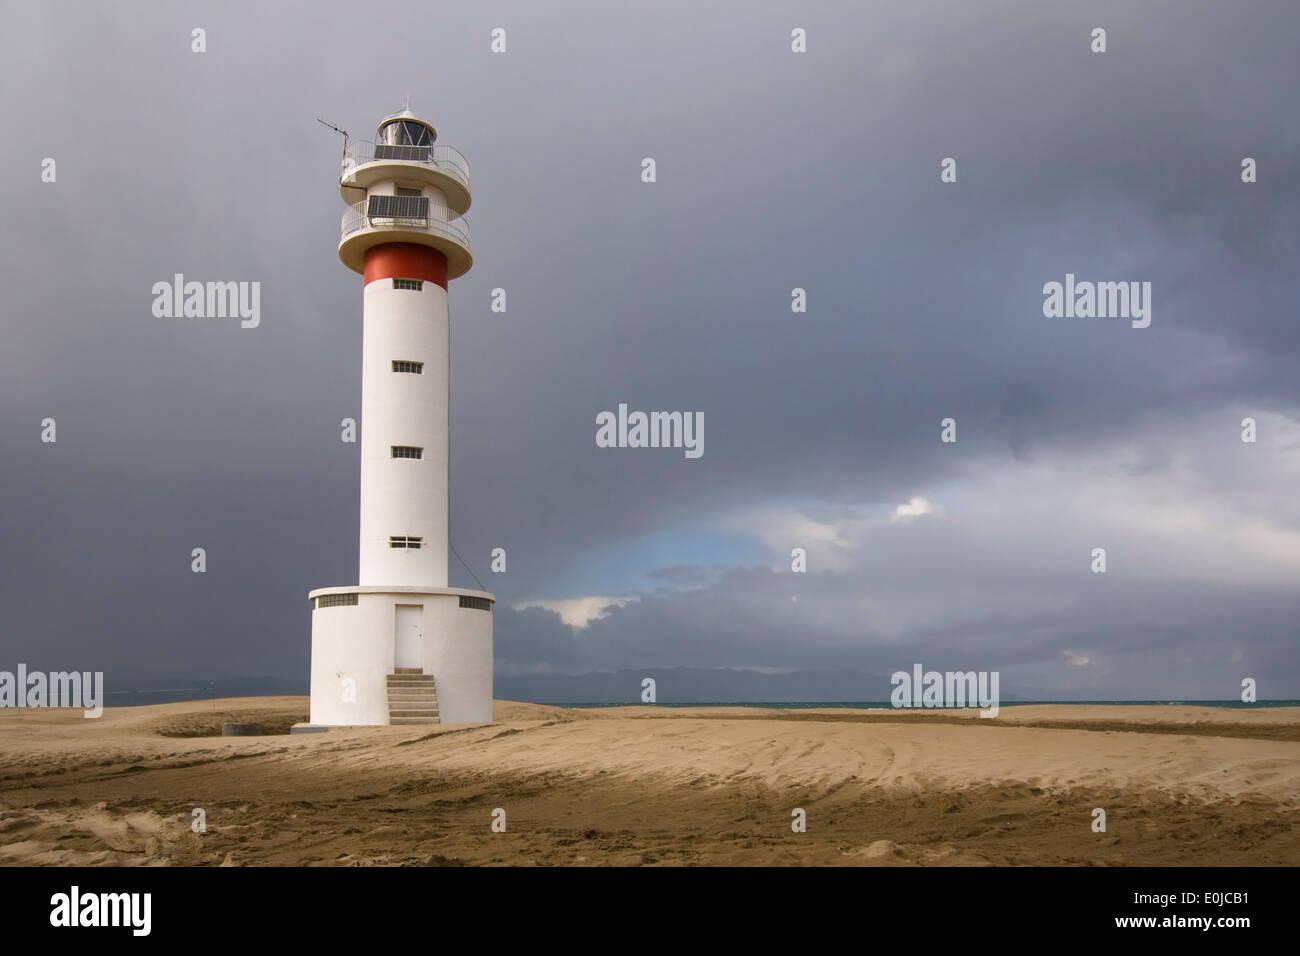 Lighthouse at the beach of El Fangar, Delta de l'Ebre (Ebro Delta), Catalonia. Stock Photo